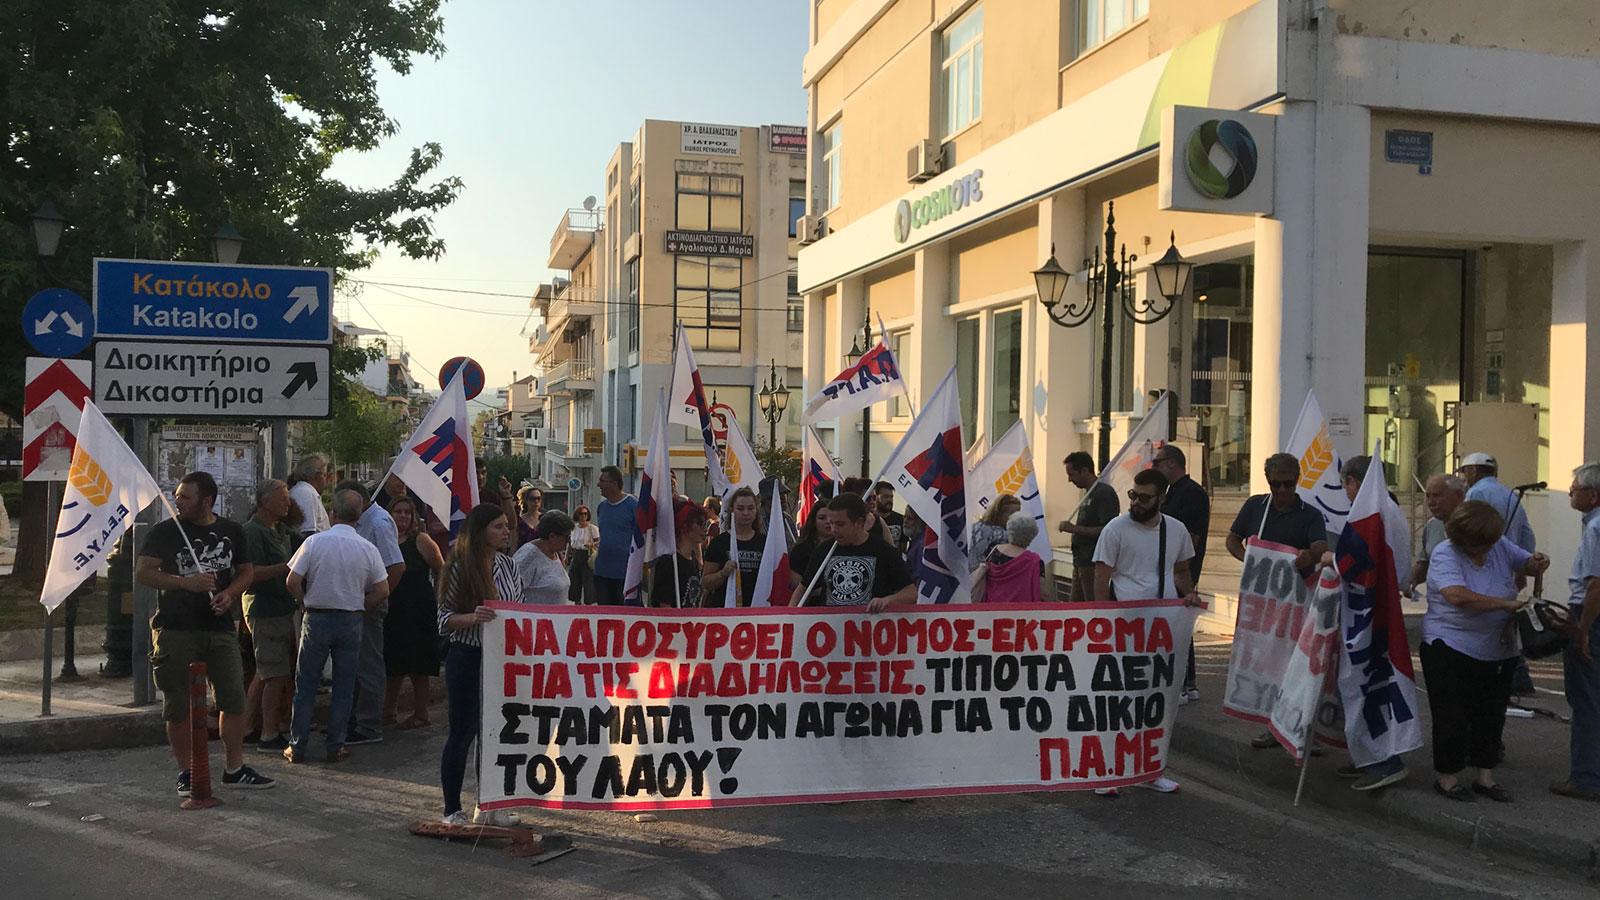 Πύργος: Μαχητικό συλλαλητήριο χθες ενάντια στην ποινικοποίηση των λαϊκών κινητοποιήσεων και διαδηλώσεων (photos)